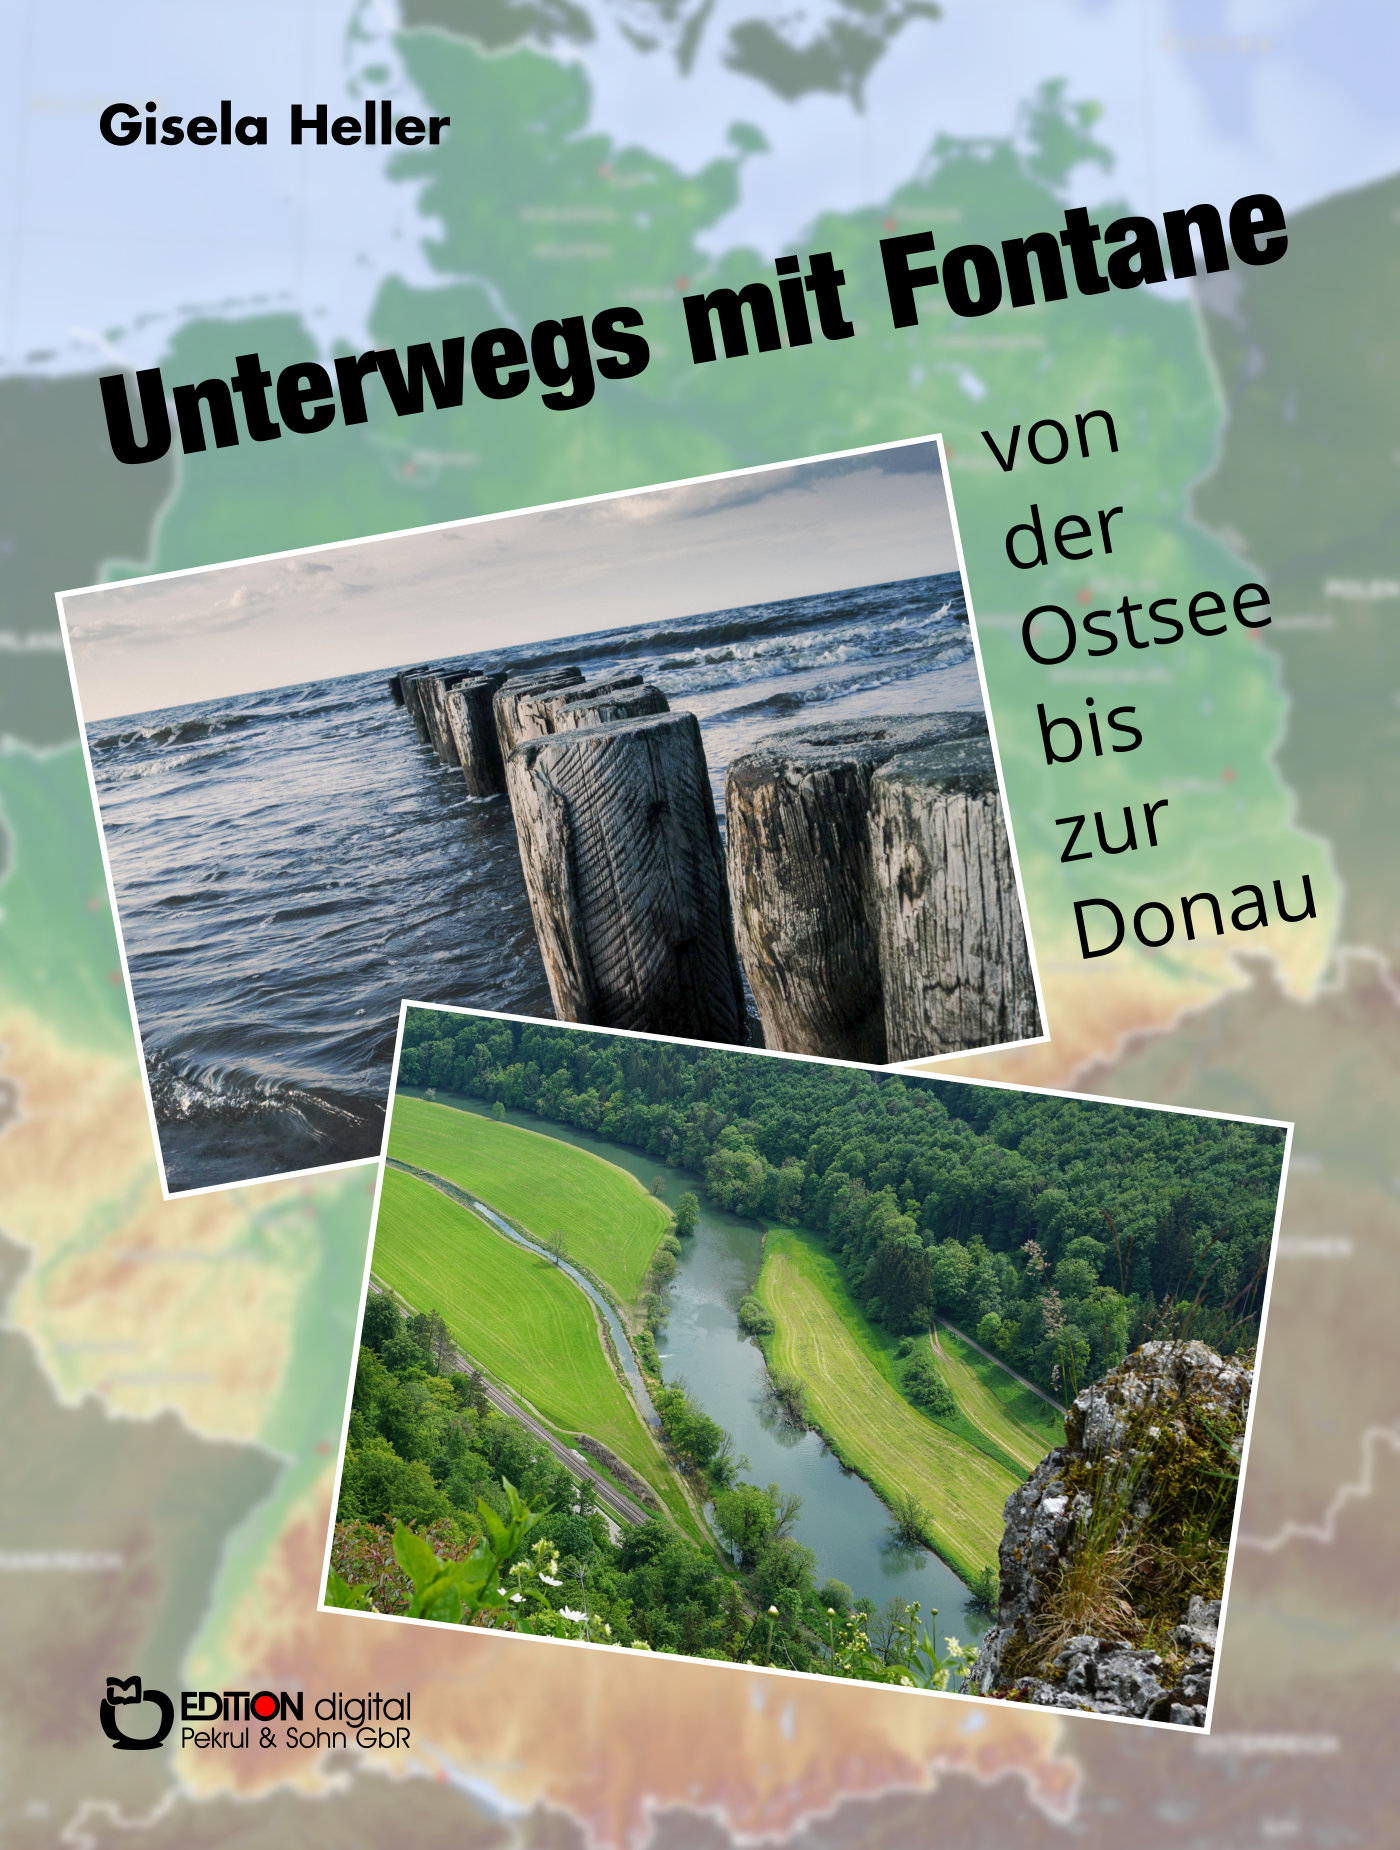 Unterwegs mit Fontane von der Ostsee bis zur Donau von Gisela Heller